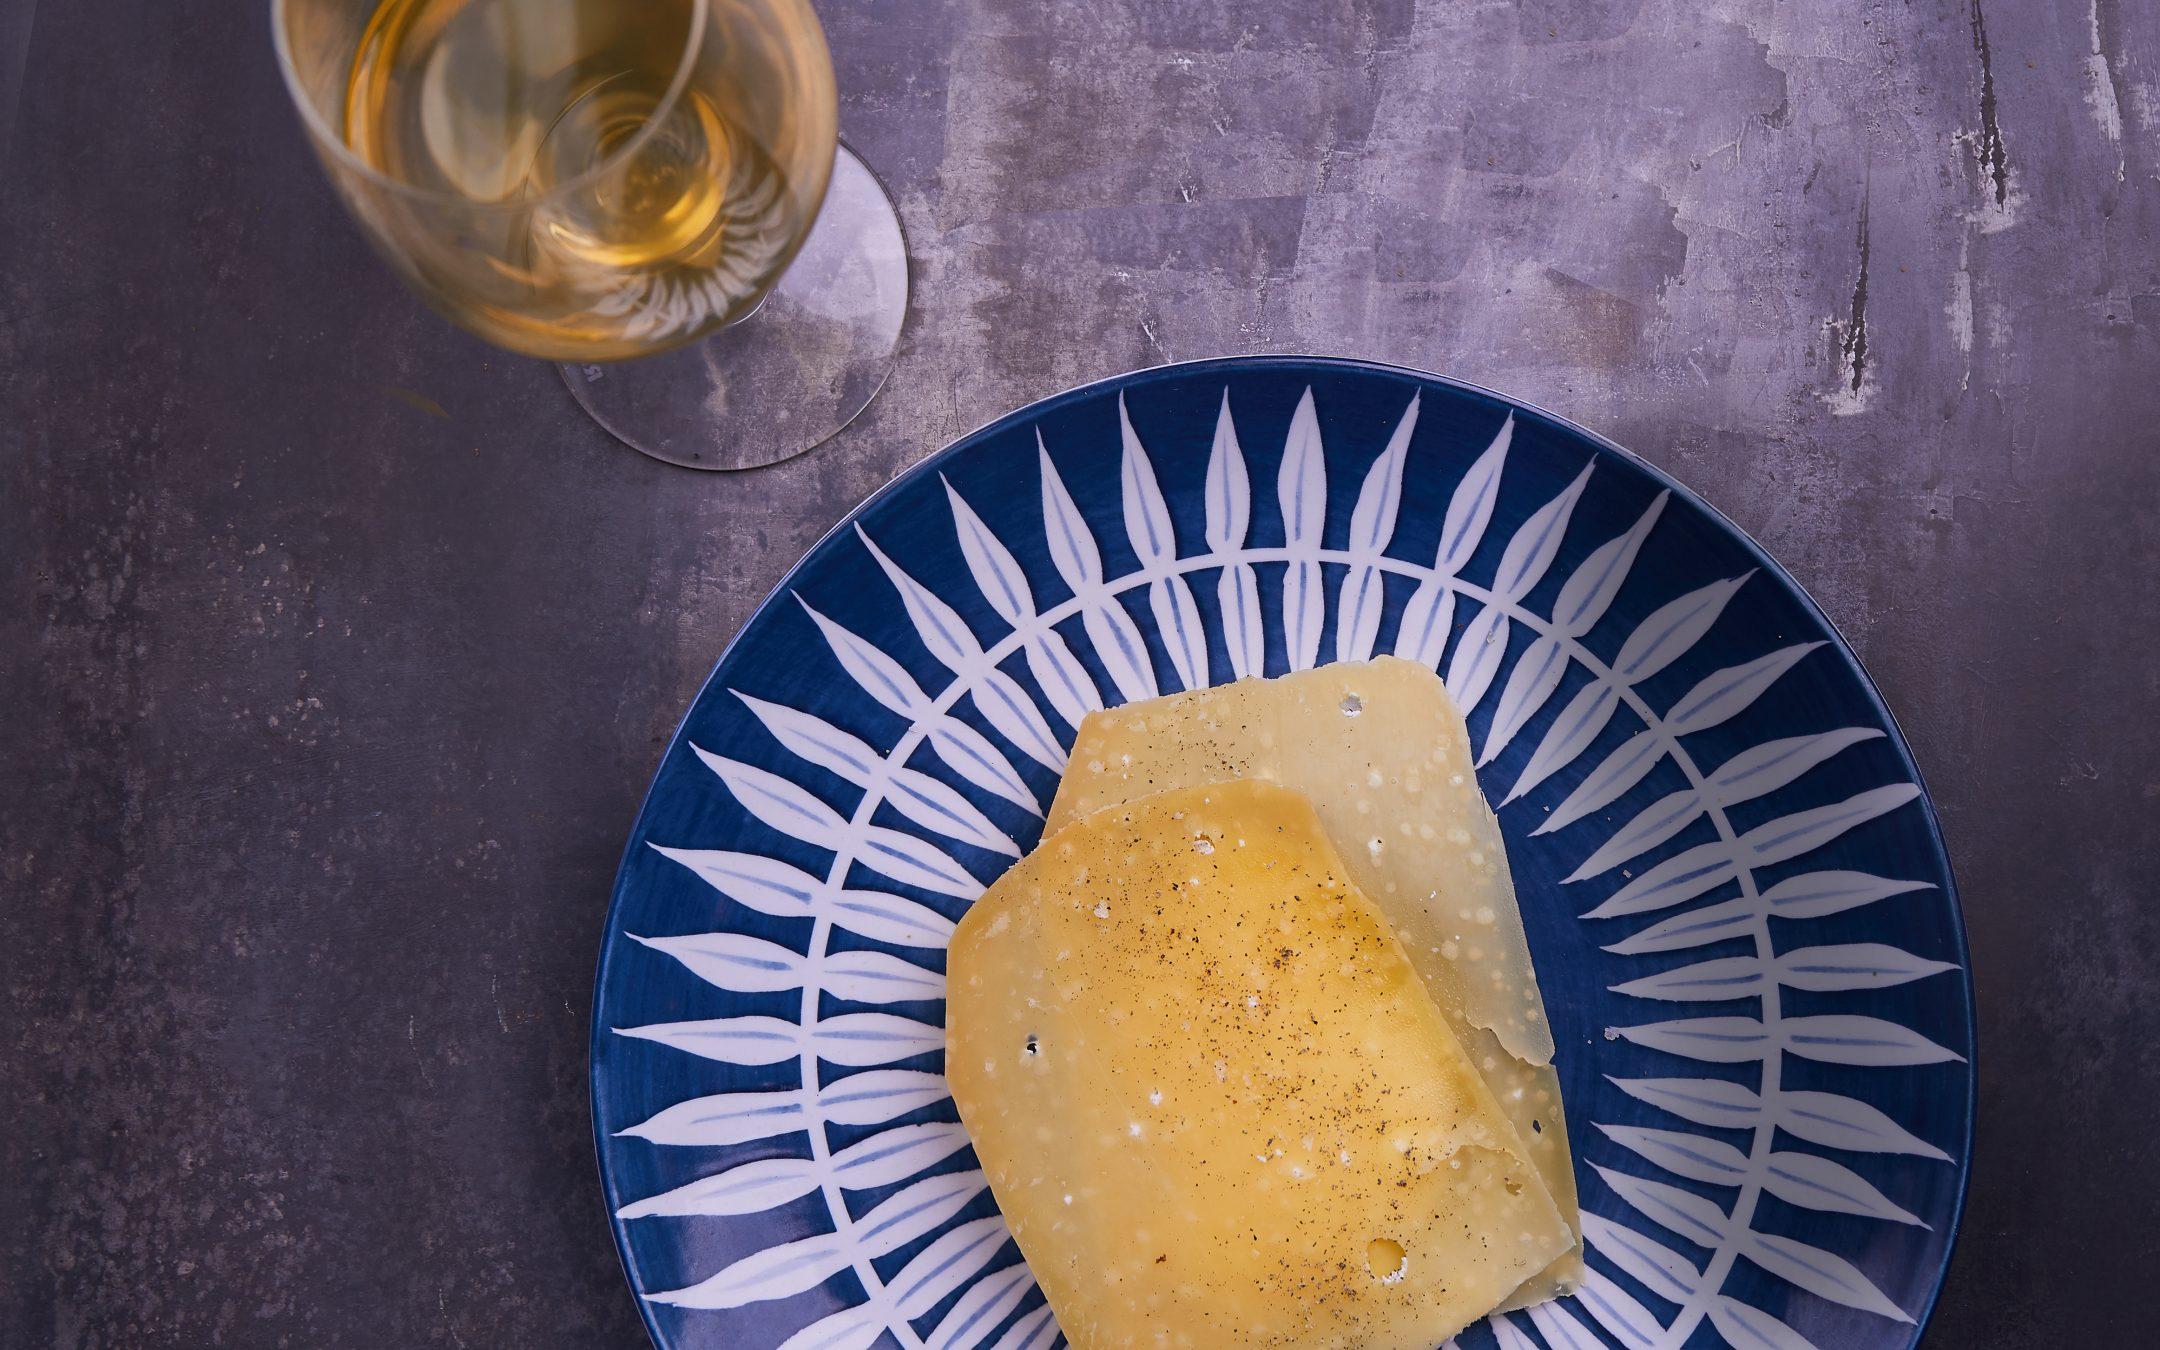 Sådan laver Danmarks bedste ostemad. Få opskriften her og lær, hvordan du laver Hærværks fortolkning af en ostemad med krydret honningkagebrød og Thise Vesterhavsost.